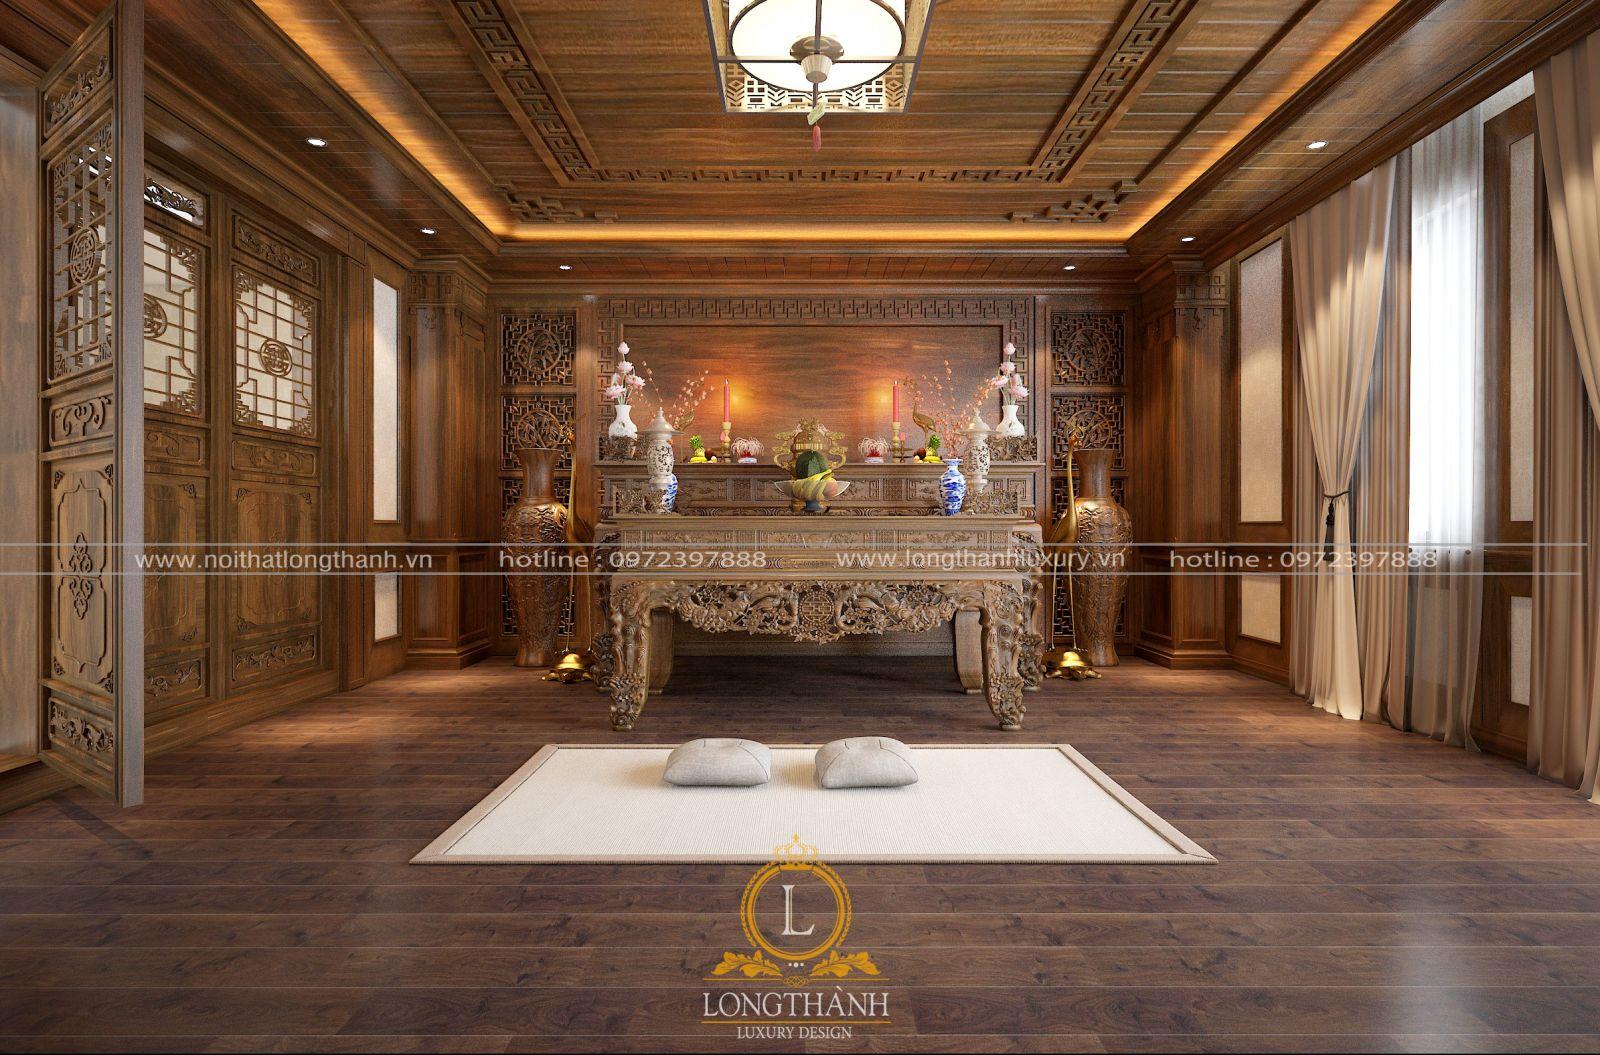 Trần gỗ phòng thờ đẹp